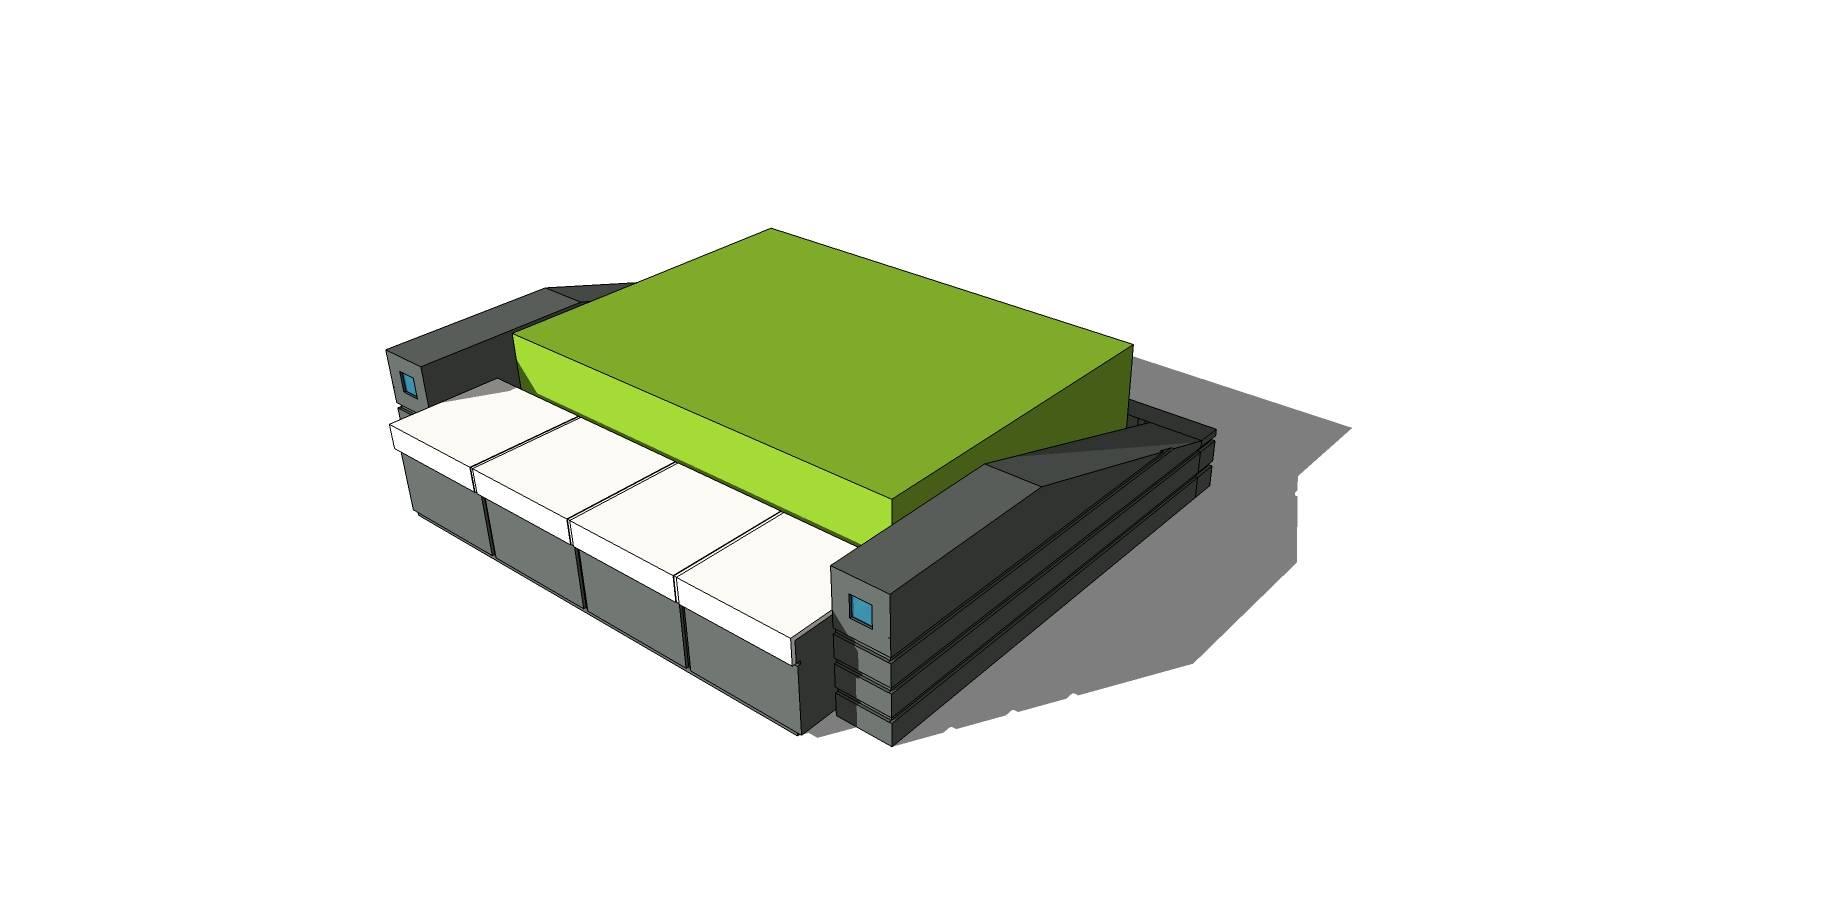 创意树池坐凳SU模型素材